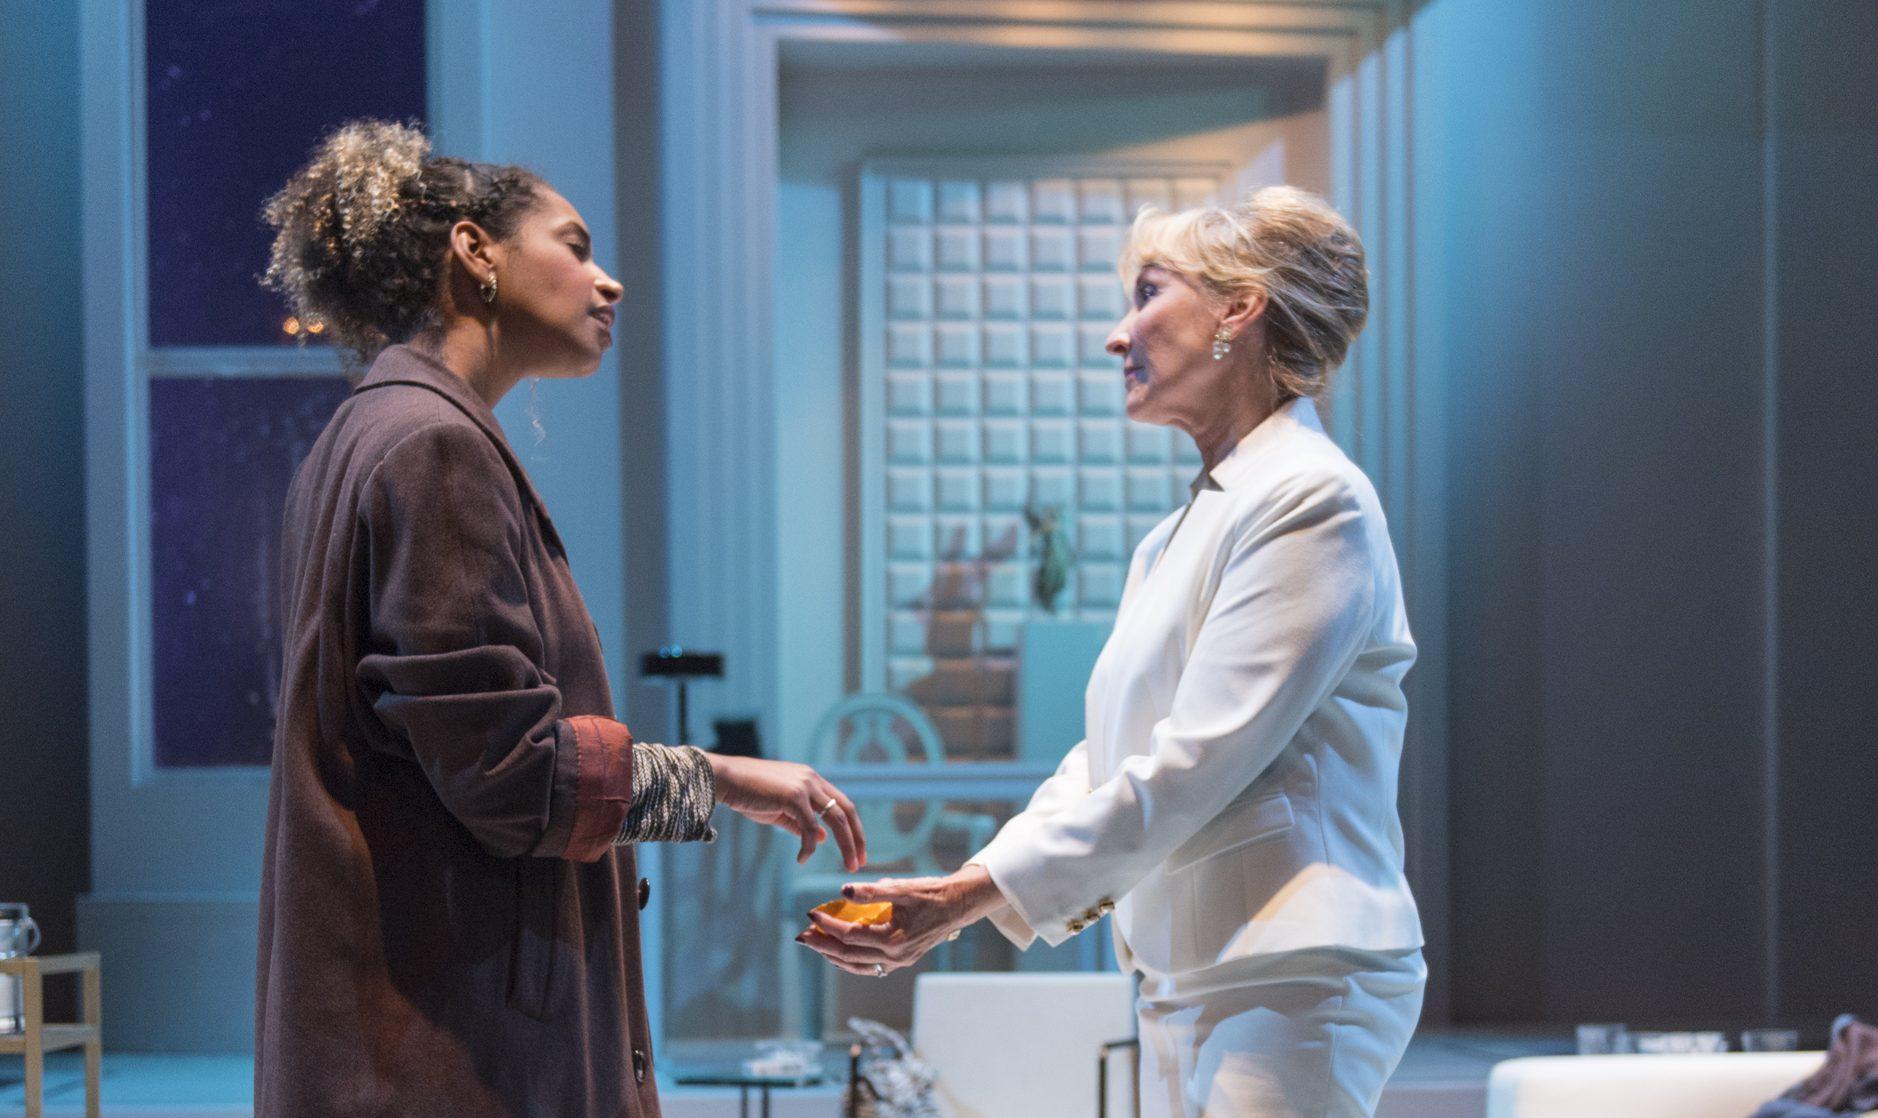 , Glima (Sam Jackson) dumps her orange peels into Micheleine's (Lorri Holt*) hands. Photo by David Allen.